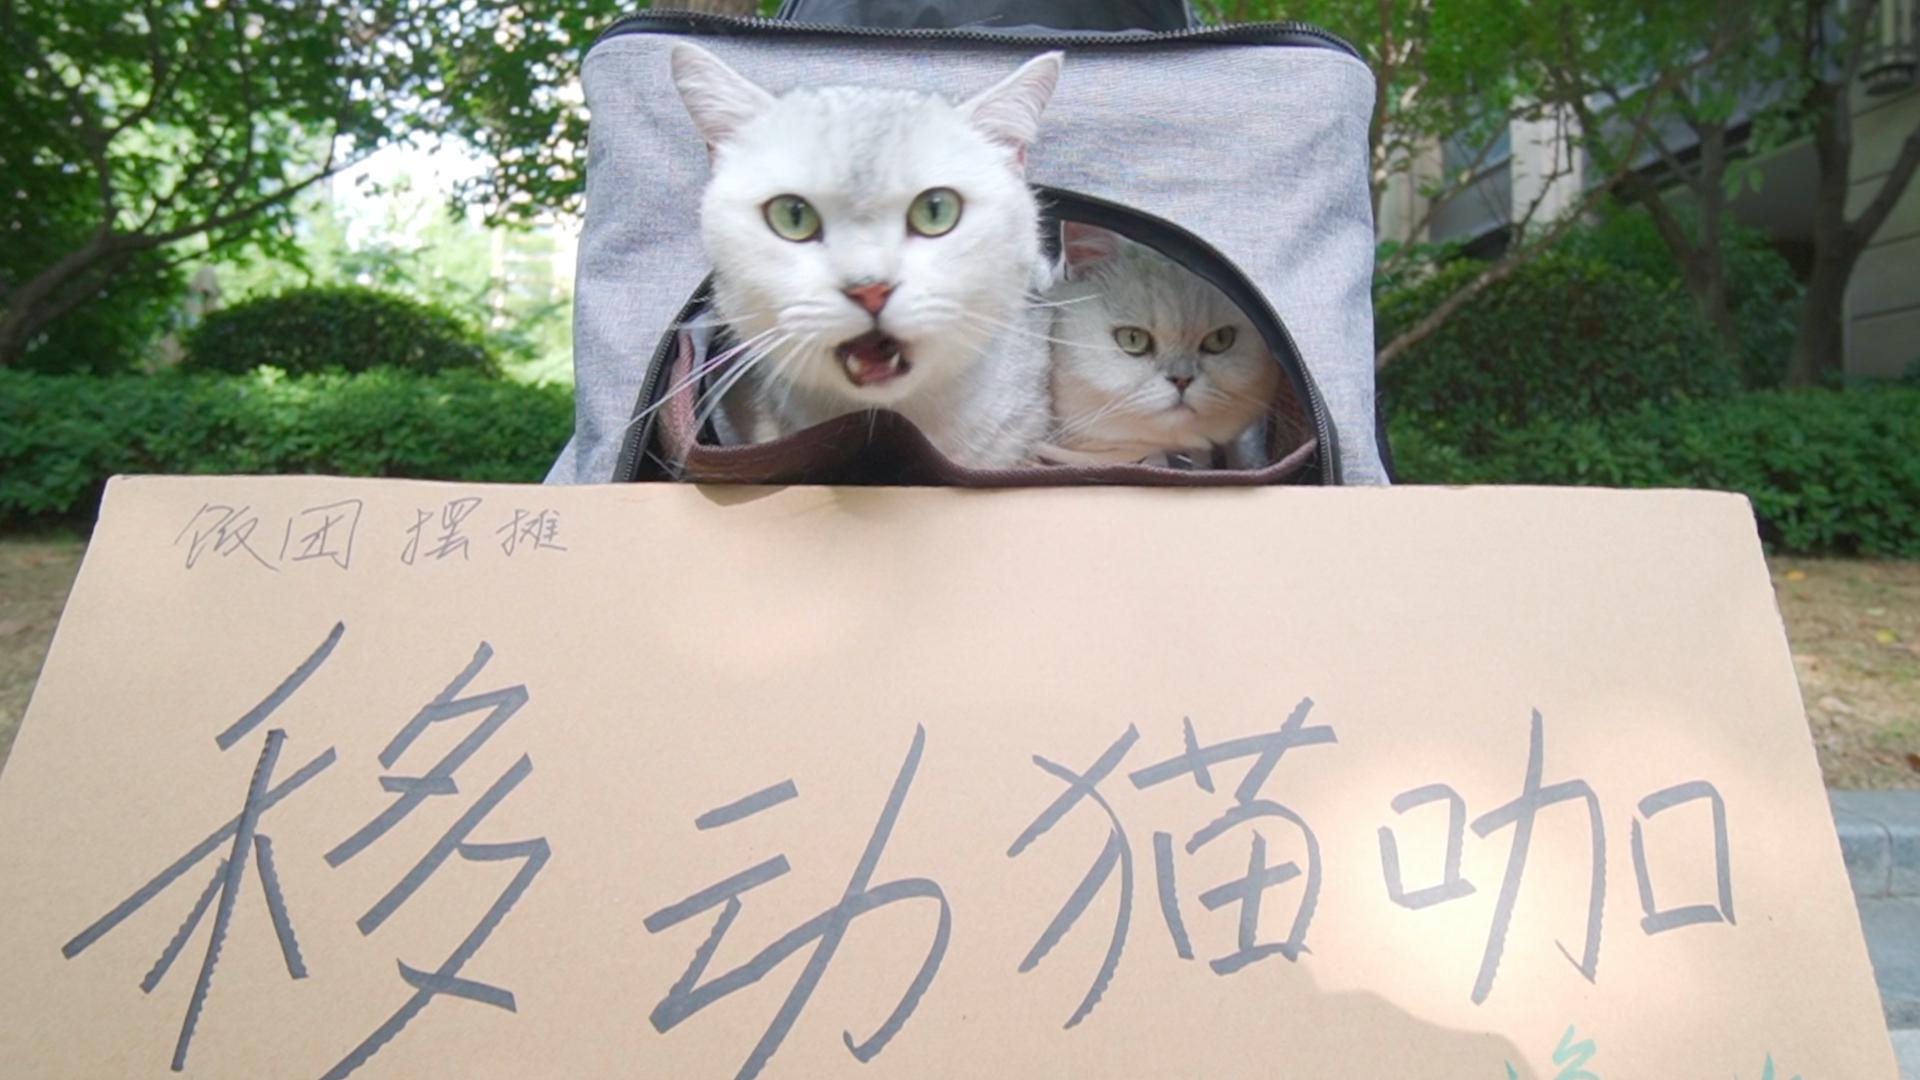 出门遛猫还摆成了地摊.猫咪又怂又好奇,还要一连六七天?